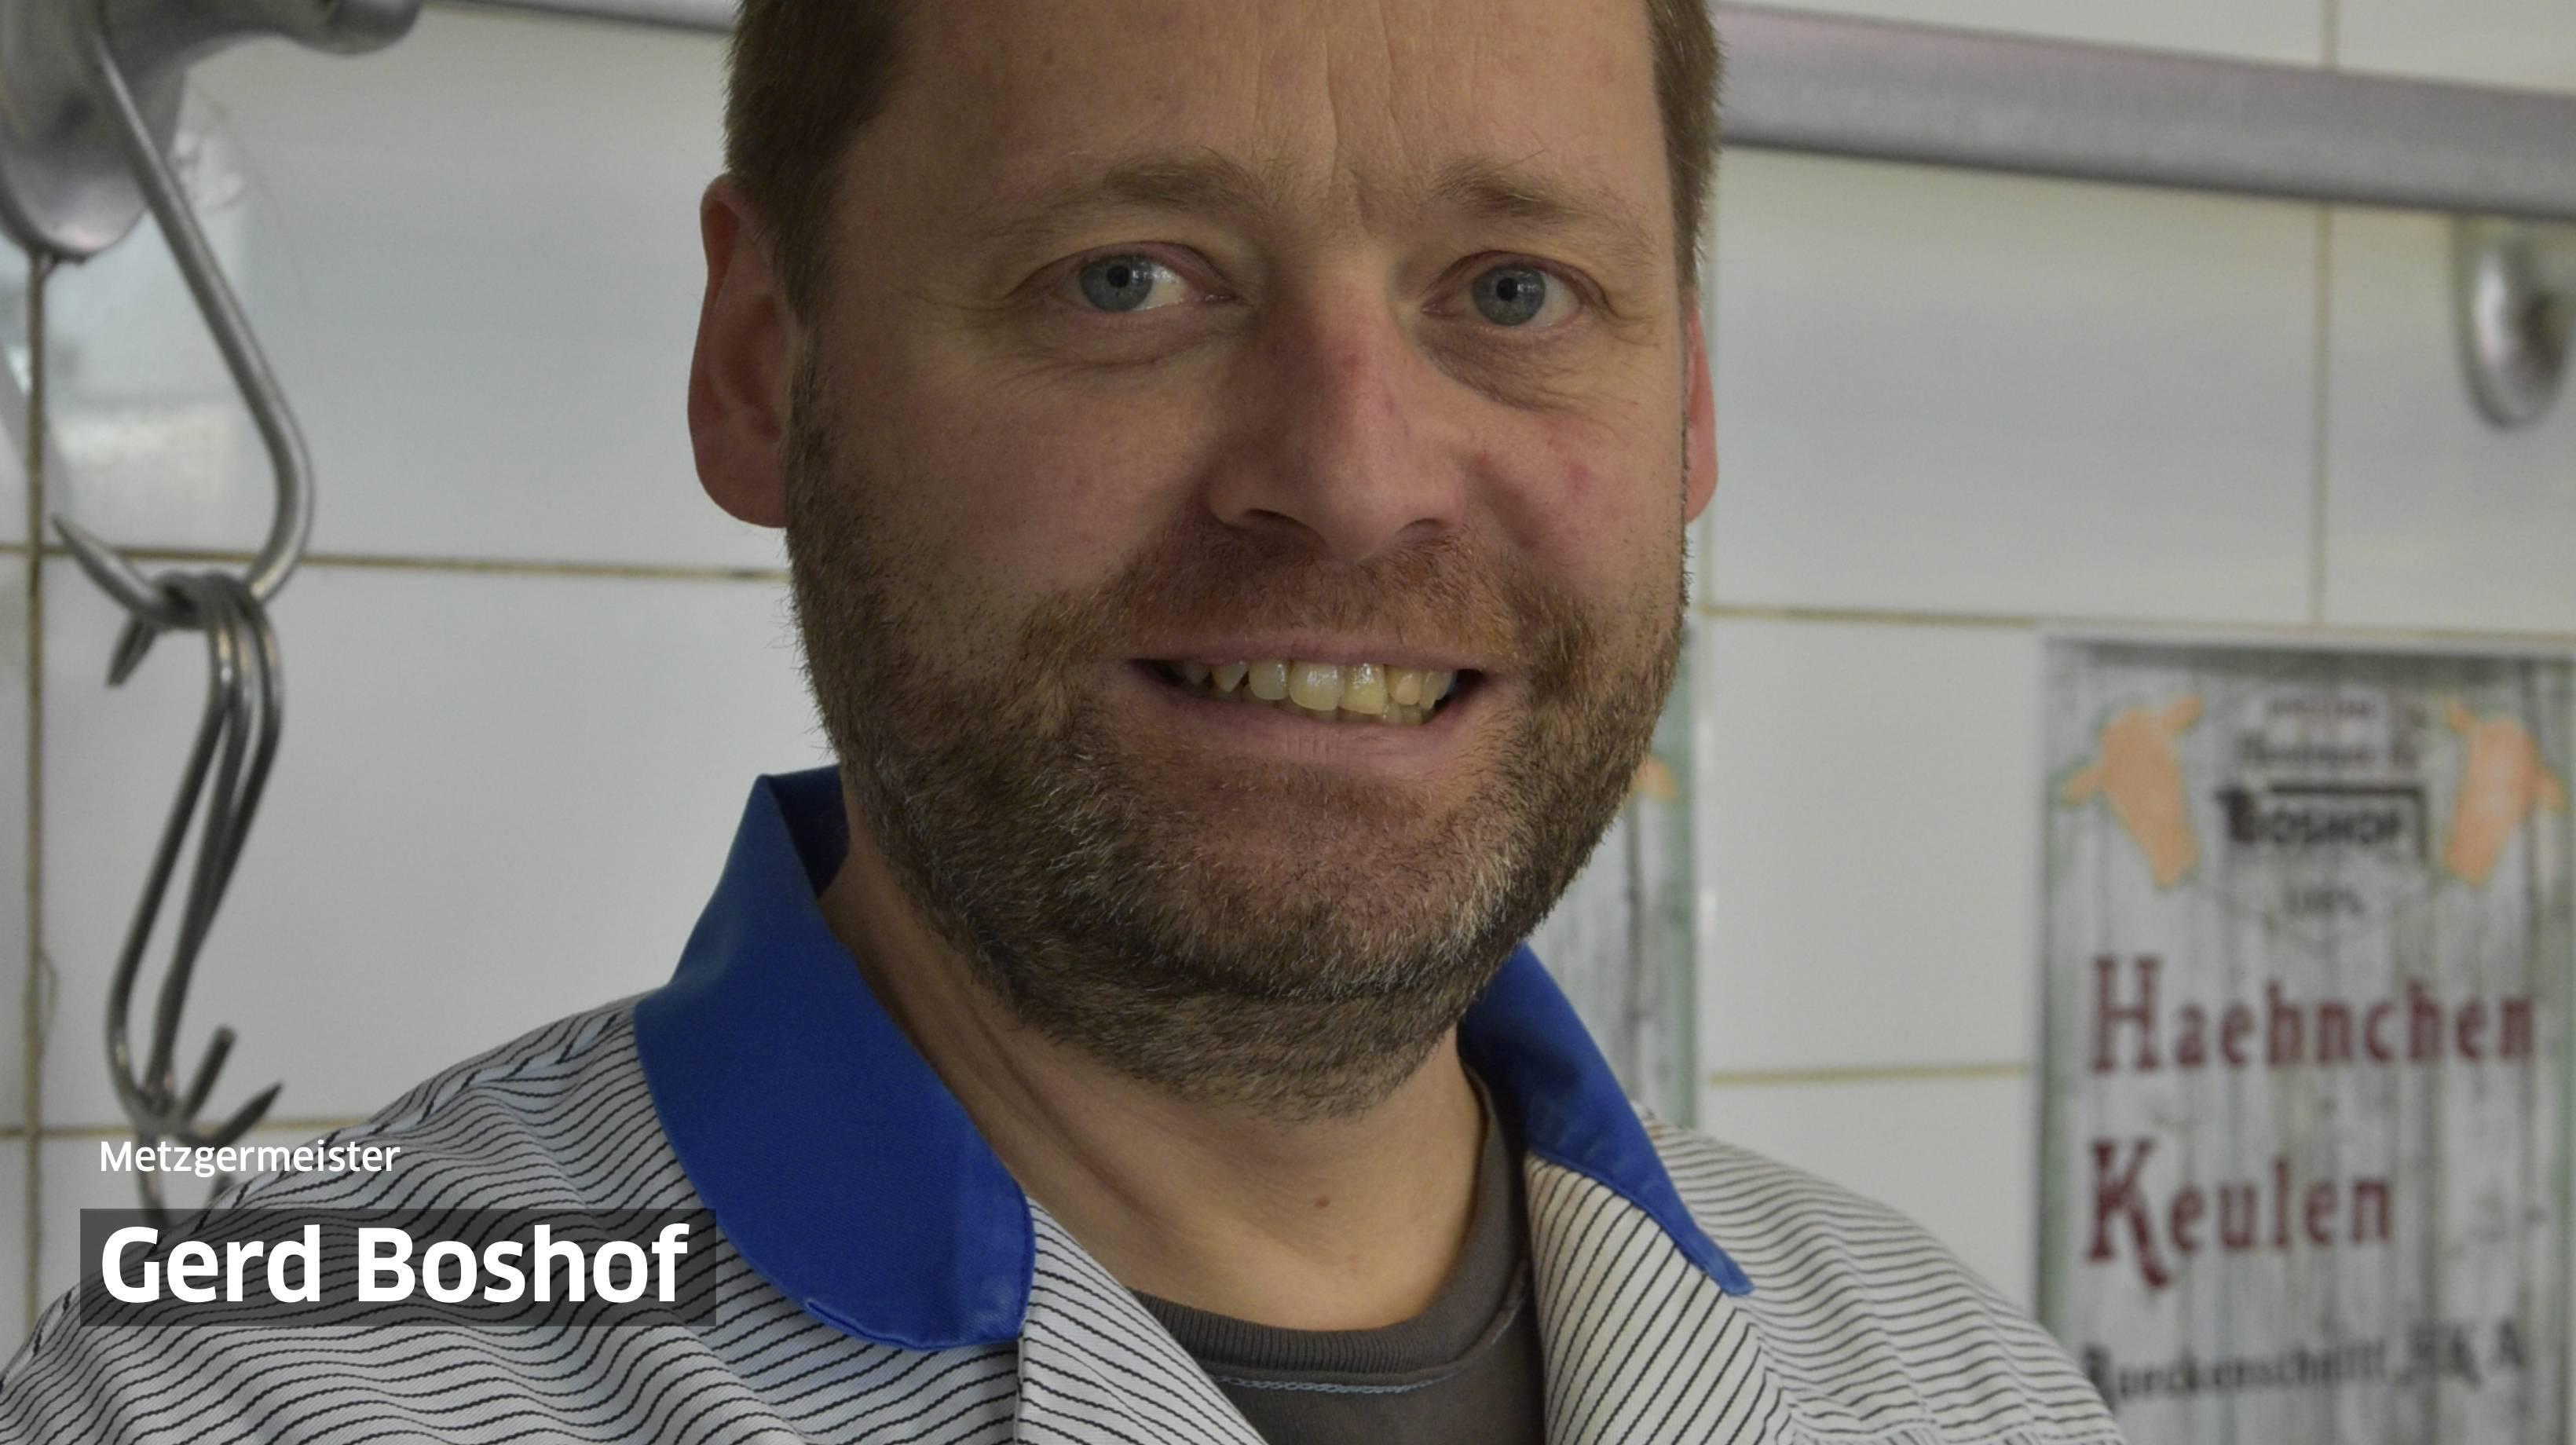 Gerd Boshof